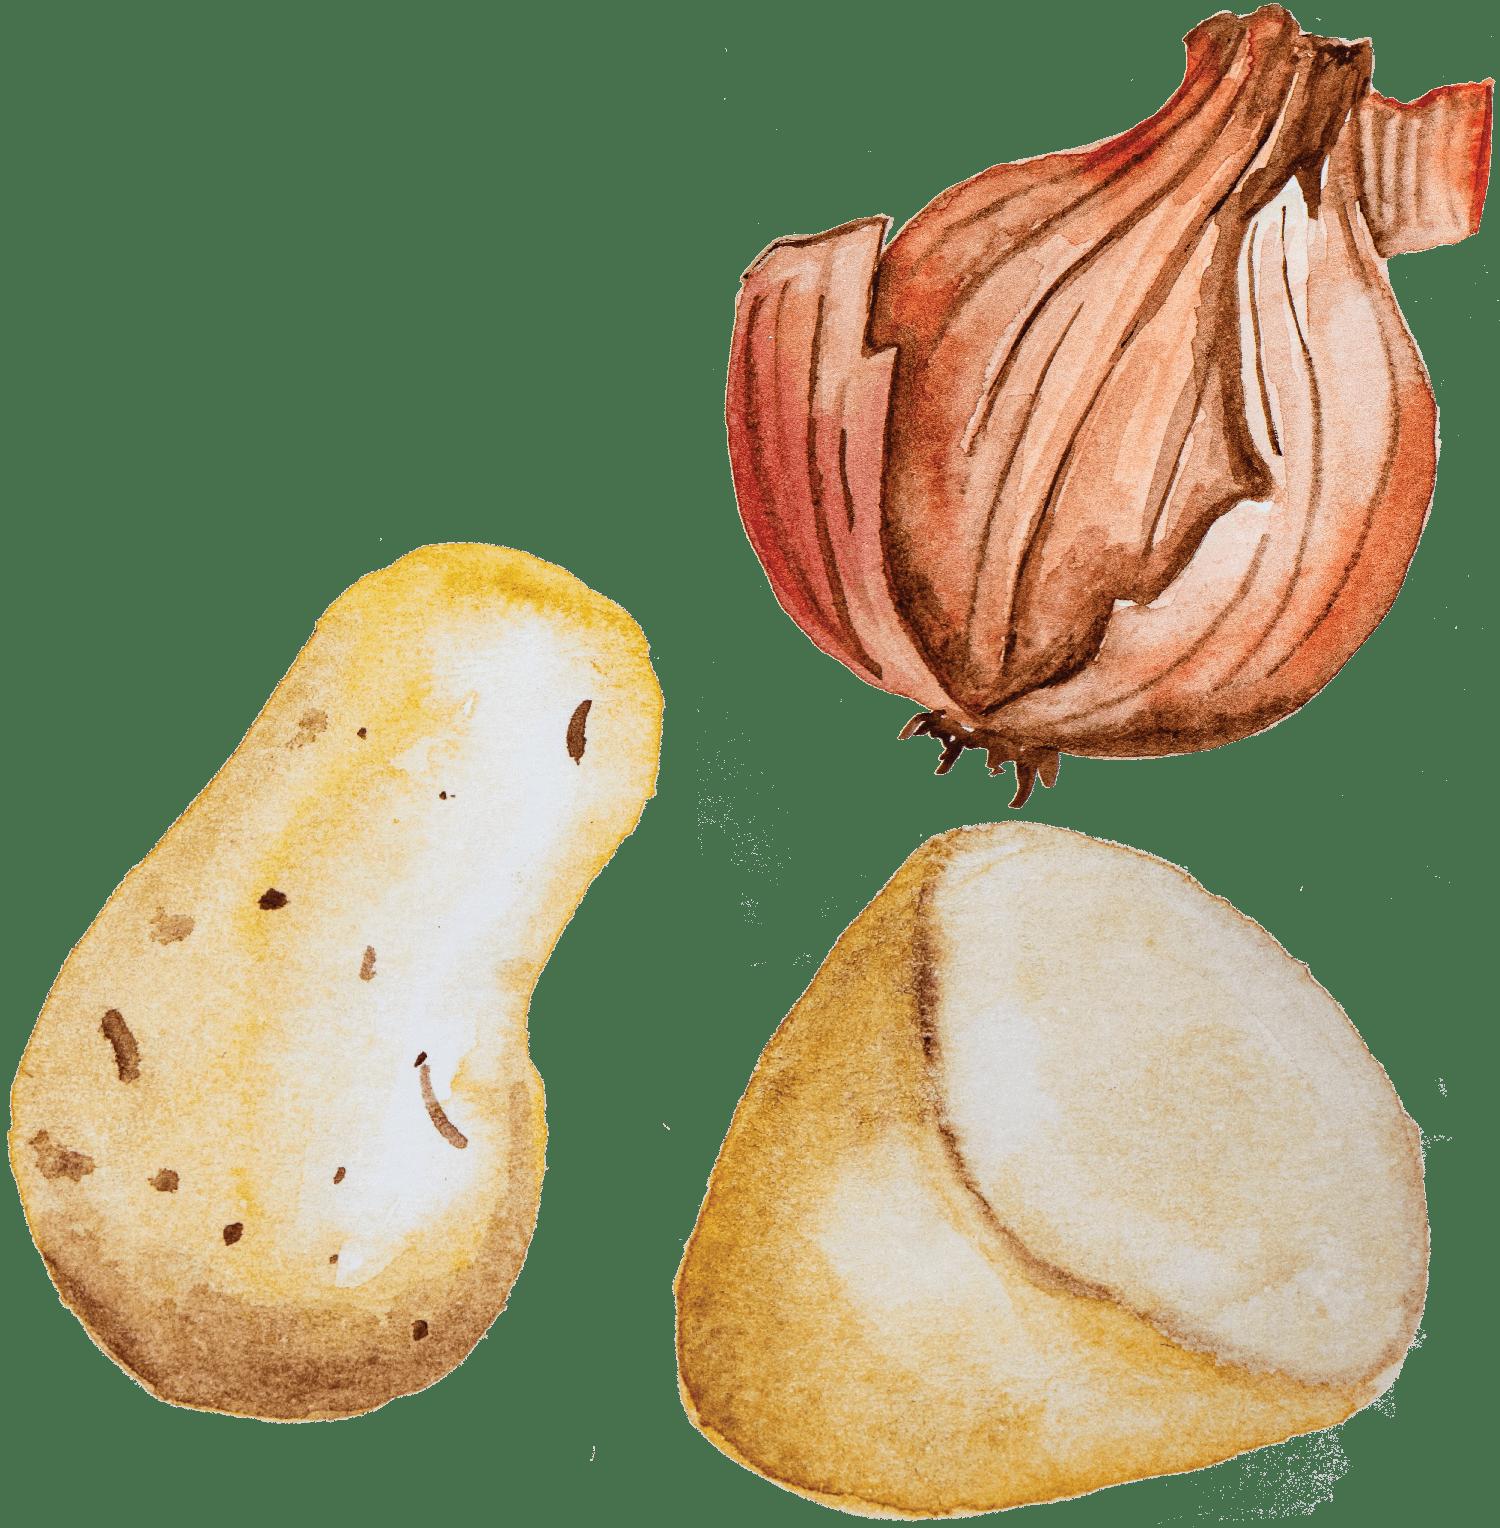 Batatas e Cebolas